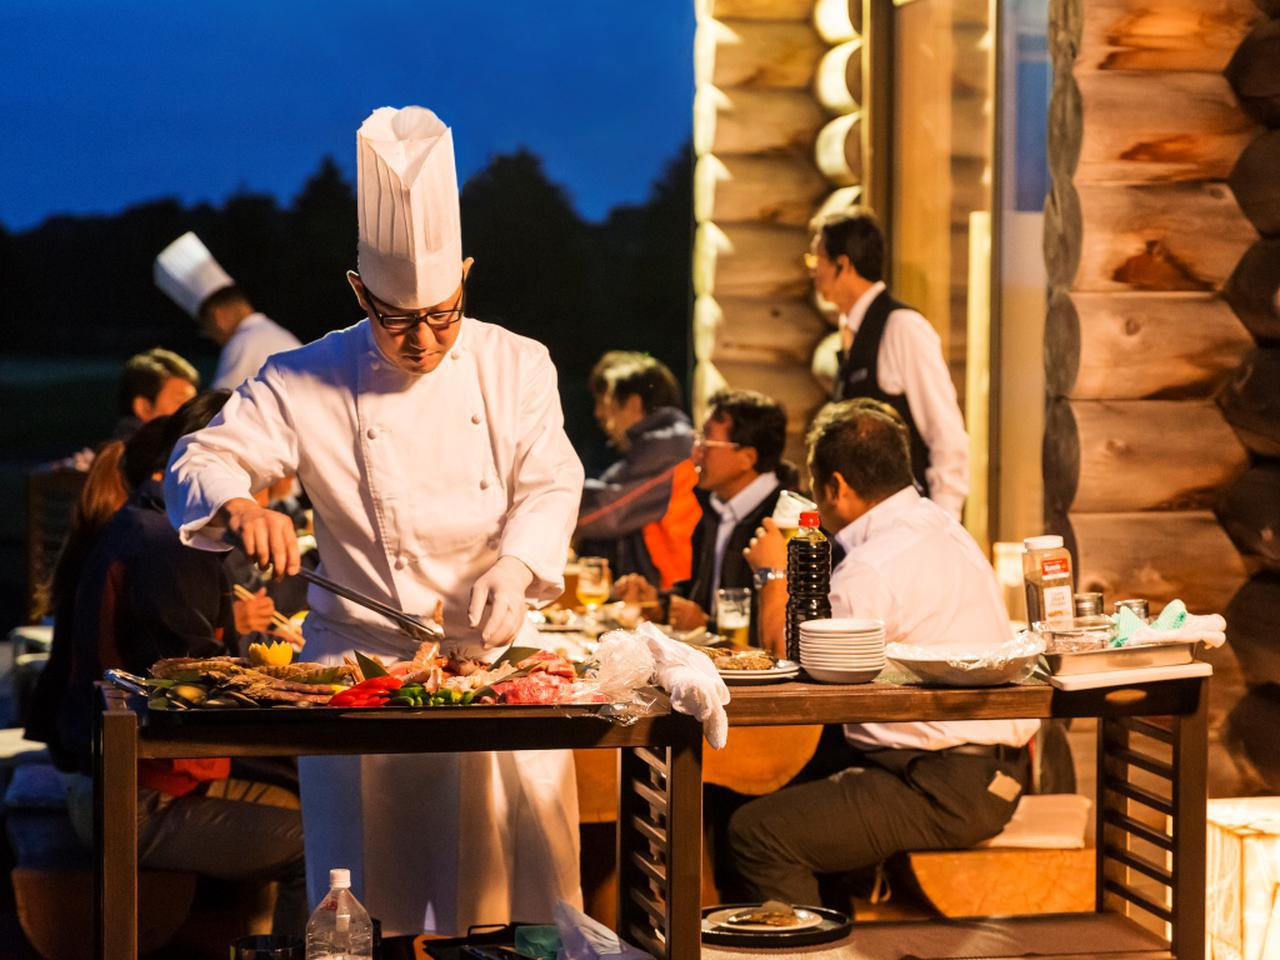 画像: すべてシェフが調理してくれるので、 情景と料理を楽しむだけ